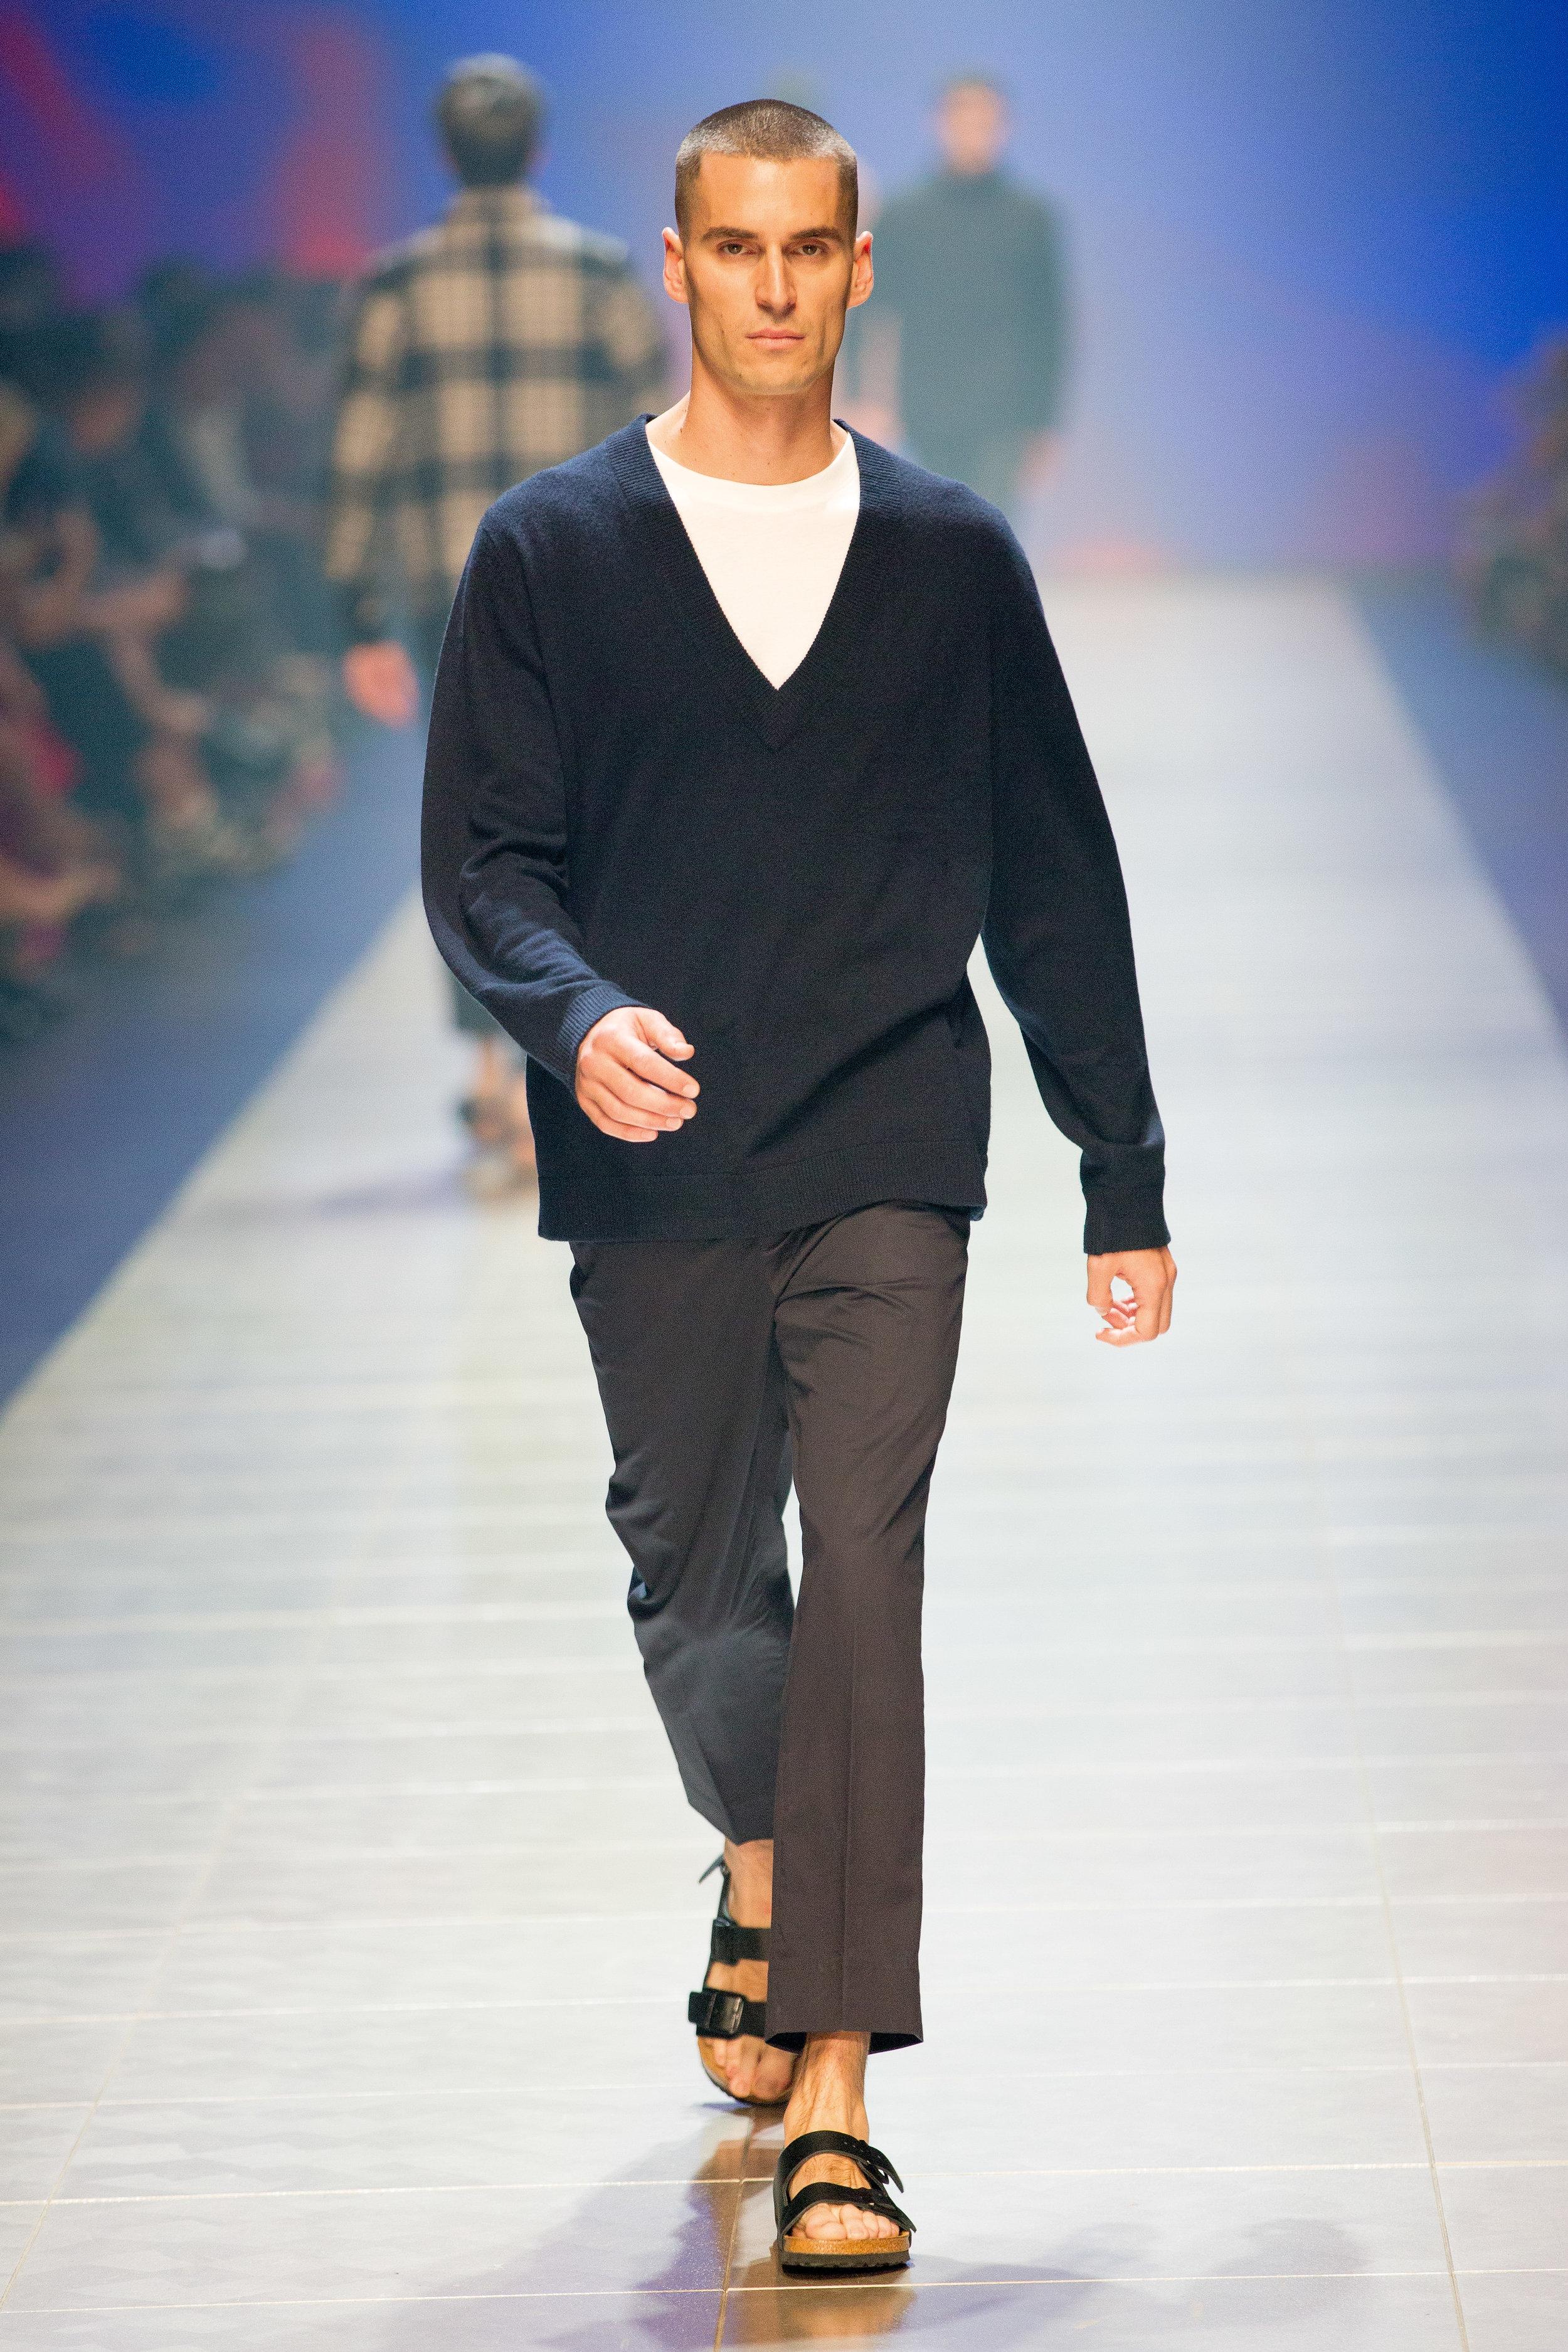 VAMFF2019_GQ Menswear-129.jpg